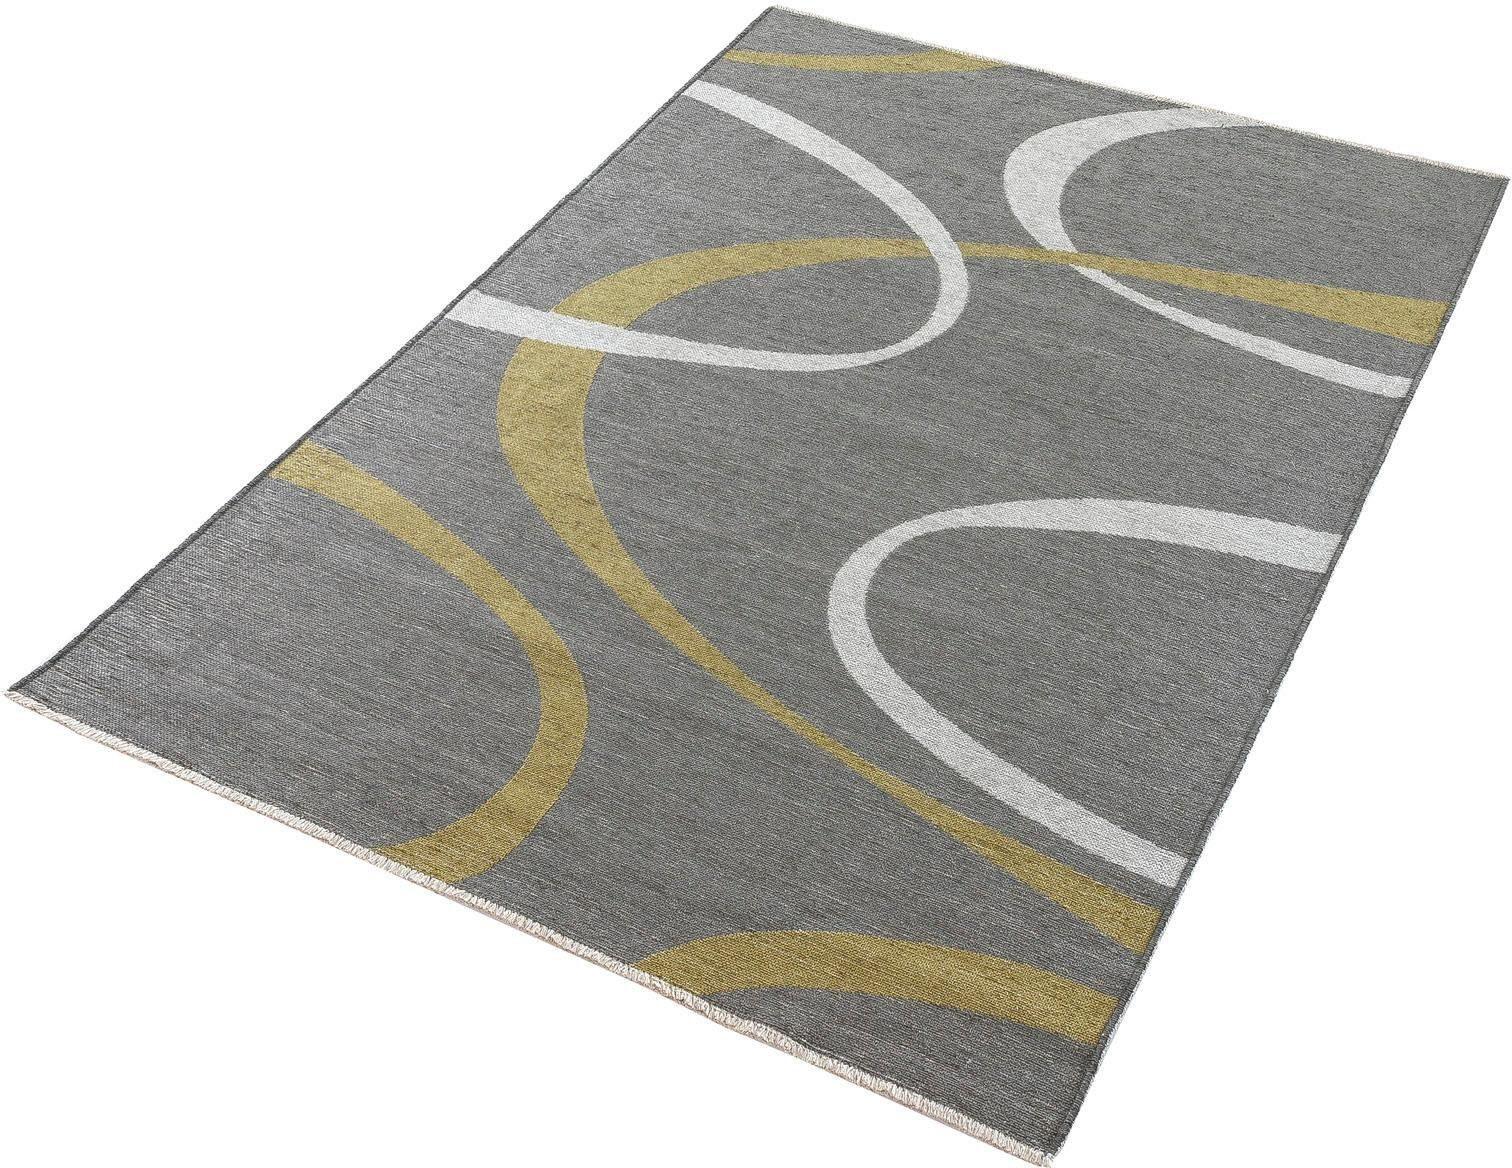 Läufer »Machka 3814«, Trend Teppiche, rechteckig, Höhe 7 mm, Wendeteppich